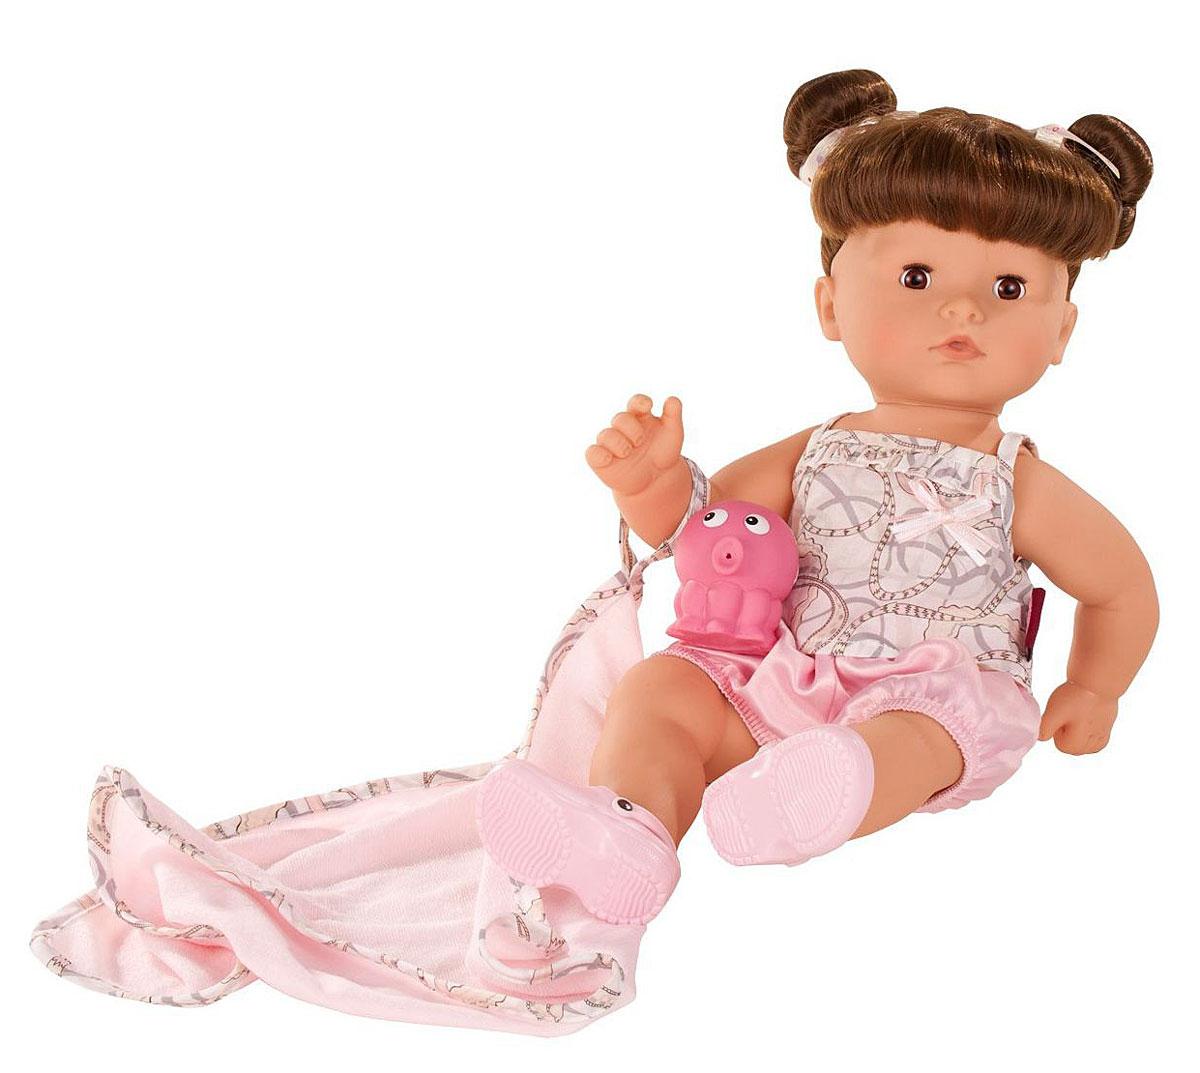 Gotz Кукла Аквини-макси шатенка с карими глазами в розовых шортах1418239Малышка Макси-аквини очень любит купаться в ванне, а вместе с ней в теплой водичке плескается миниатюрный крокодильчик. Ваша малышка может принимать ванну вместе со своей любимой куколкой, которая выдержит самое долгое пребывание в воде. Кукла Gotz с полностью виниловым телом и вшитыми волосами, которые можно мыть и расчесывать, подходит для разнообразных сюжетно-ролевых игр детей старше 3-х лет. Куколка с темными волосами, собранными в два забавных хвостика, носит яркий костюмчик и яркие розовые ботиночки. Ей весело купаться вместе с вашей малышкой, после мытья куколку можно вытереть белым мягким полотенцем. Реалистичные черты лица и закрывающиеся глазки с ресницами позволяют ребенку погрузиться в атмосферу игр по настоящему сценарию, повторять сюжеты из жизни и заботиться о маленькой девочке.